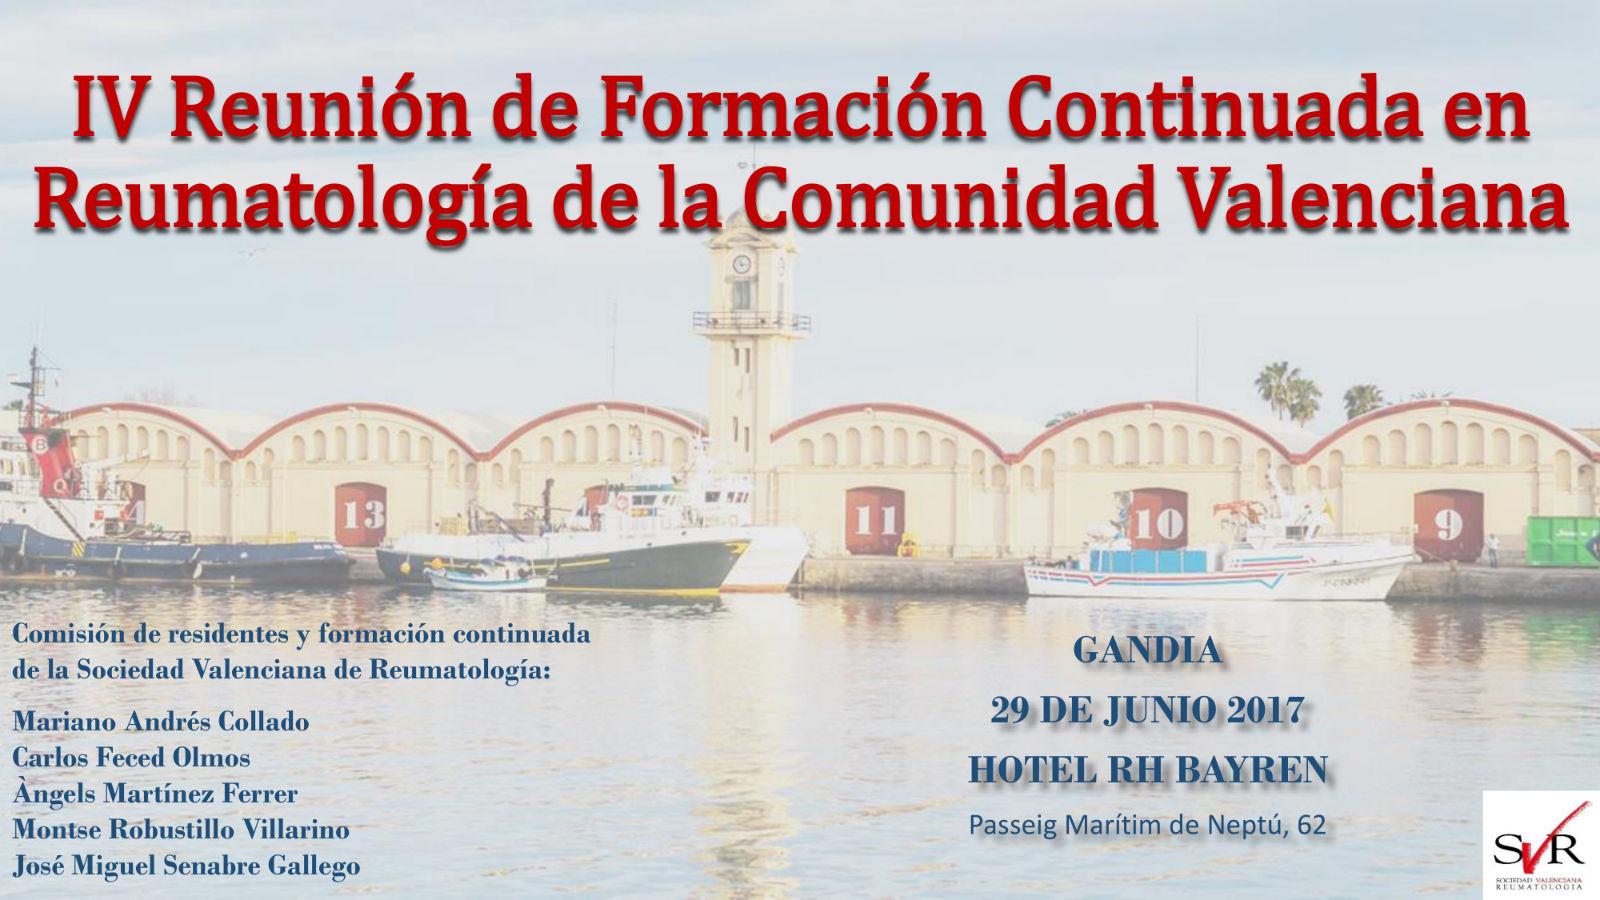 IV Reunión de Formación Continuada en Reumatología de la Comunidad Valenciana